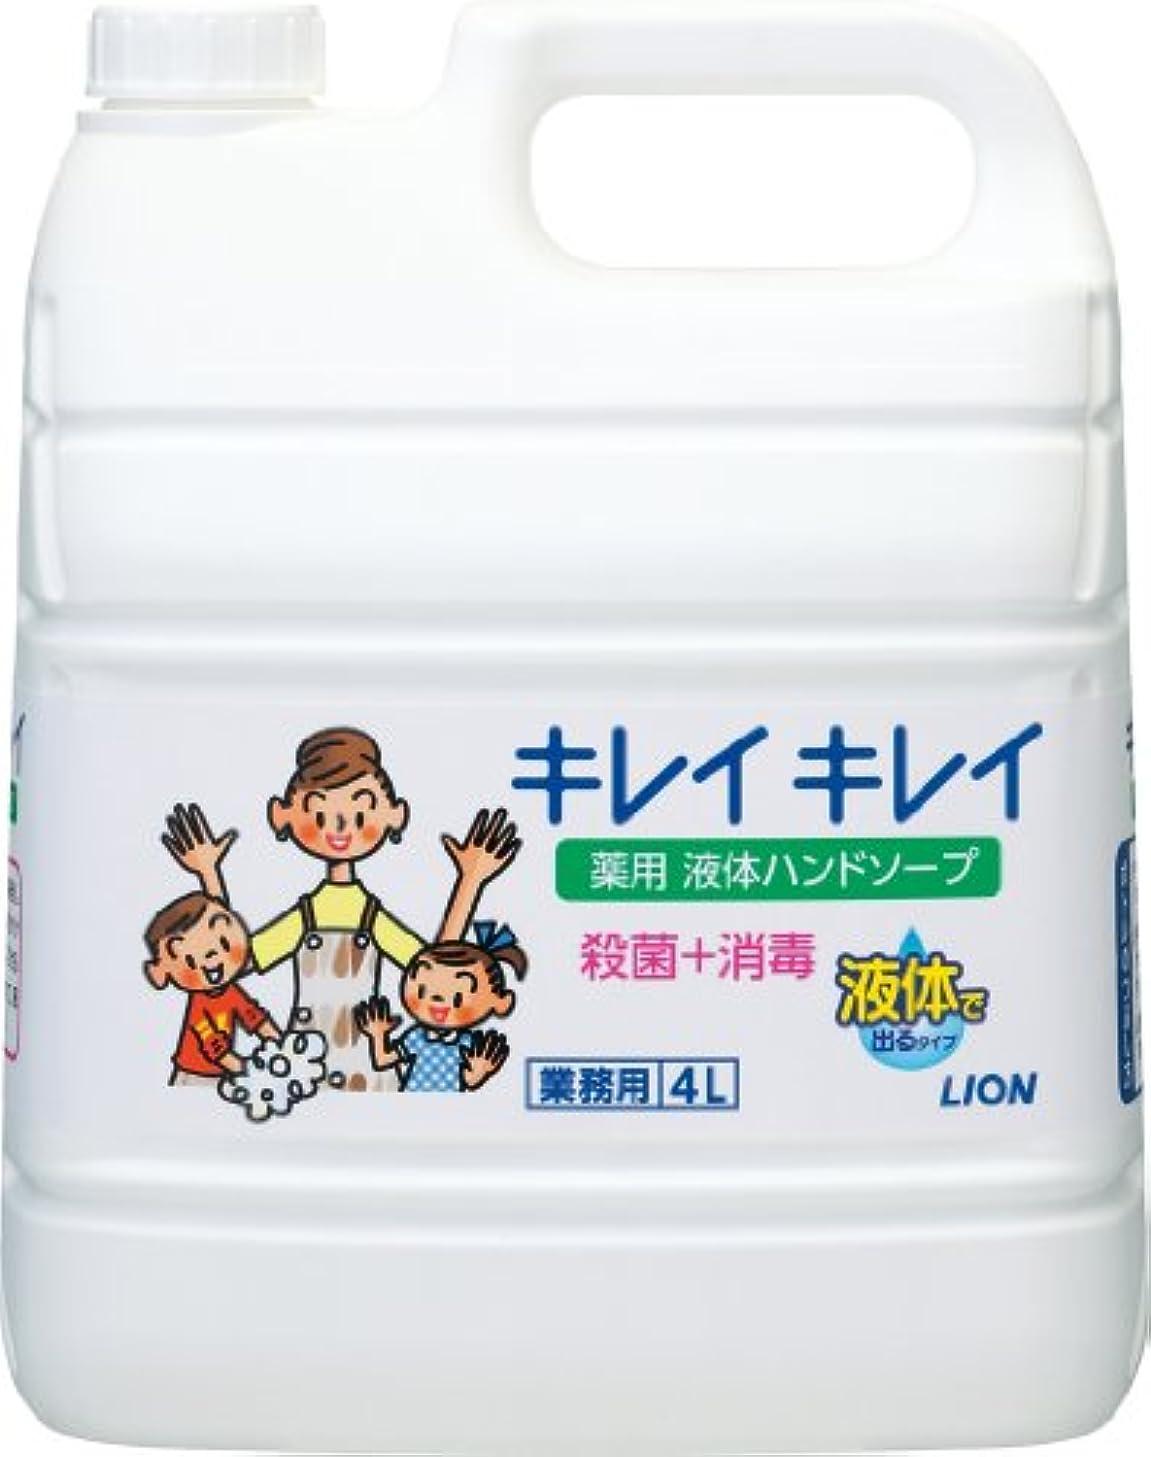 販売員端末定数【業務用 大容量】キレイキレイ 薬用 ハンドソープ  4L(医薬部外品)